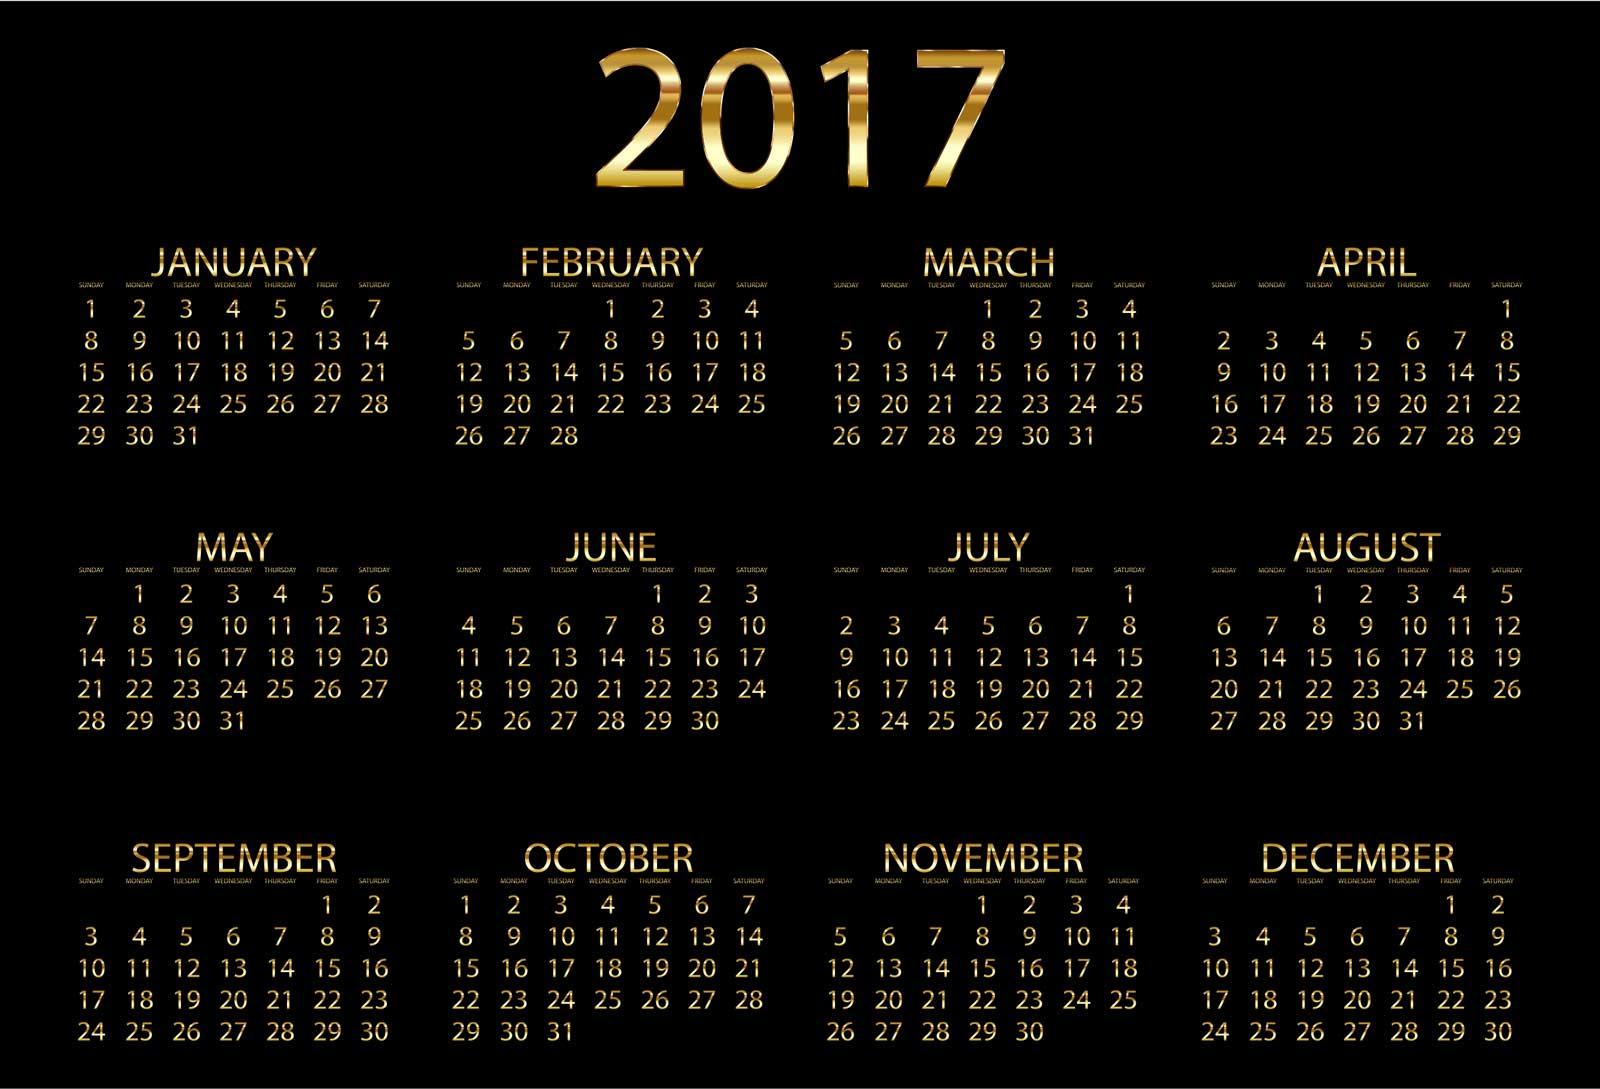 2017カレンダー無料テンプレート5 - きゃんつくば ...